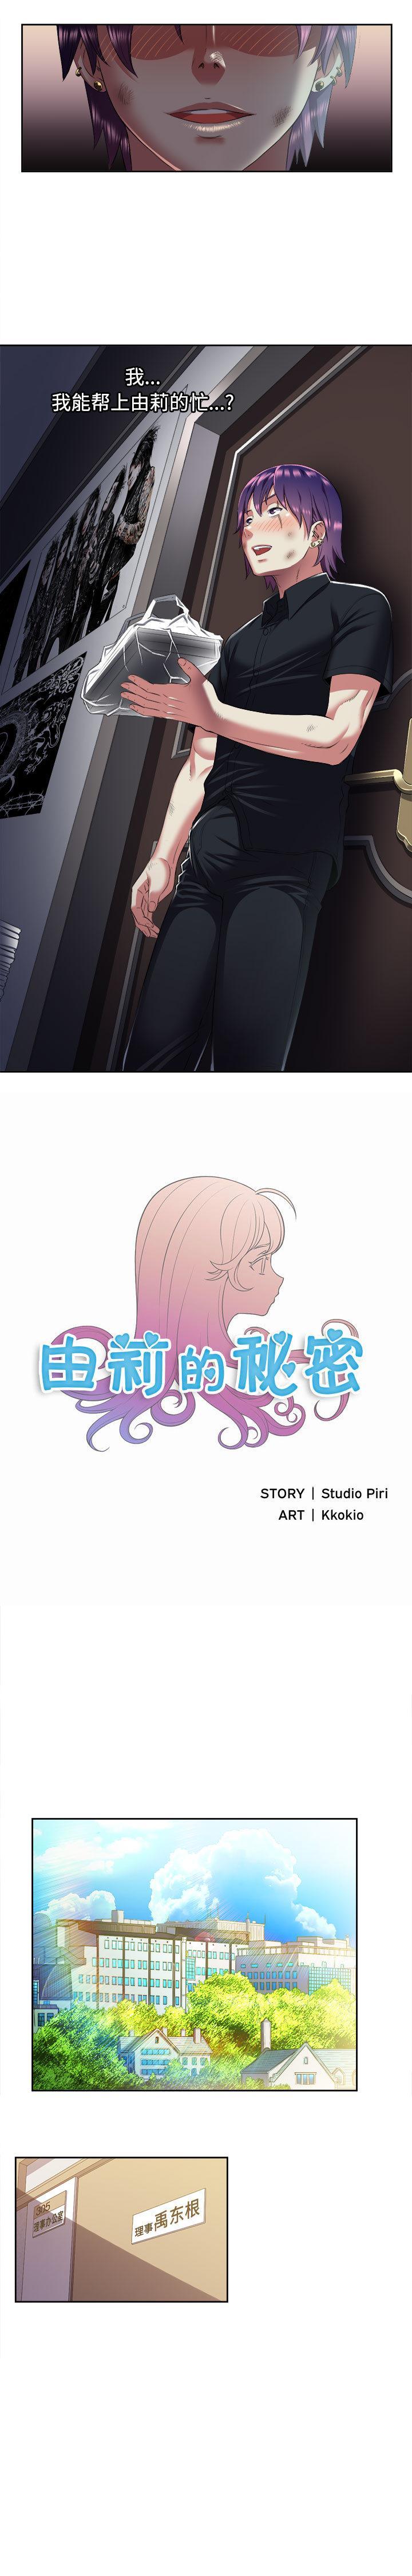 由莉的秘密1-60 中文翻译 (更新中) 134